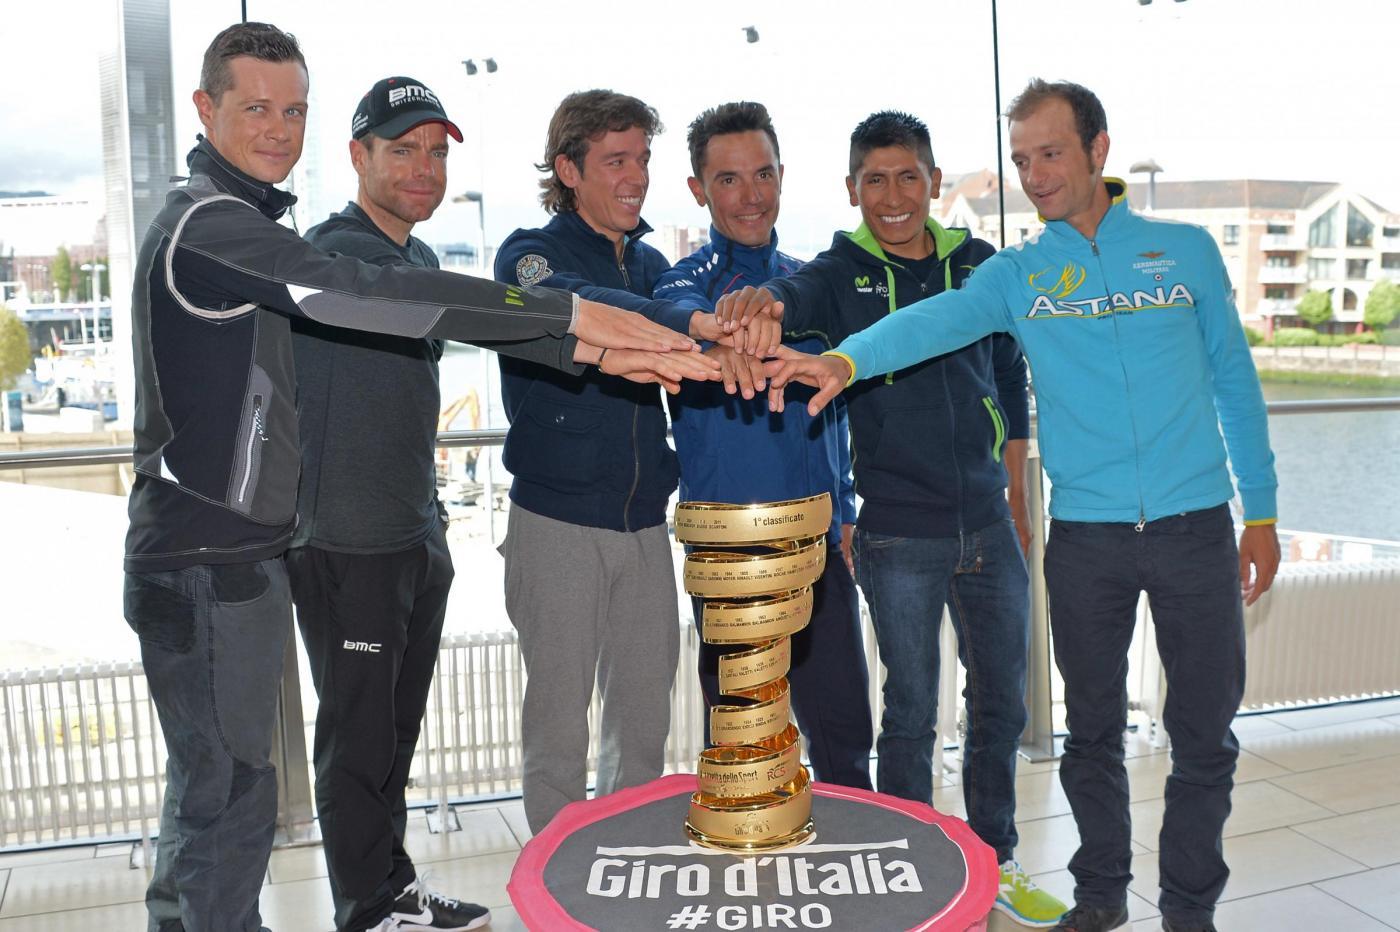 Giro d'Italia 2014: partecipanti e squadre della 97ma edizione